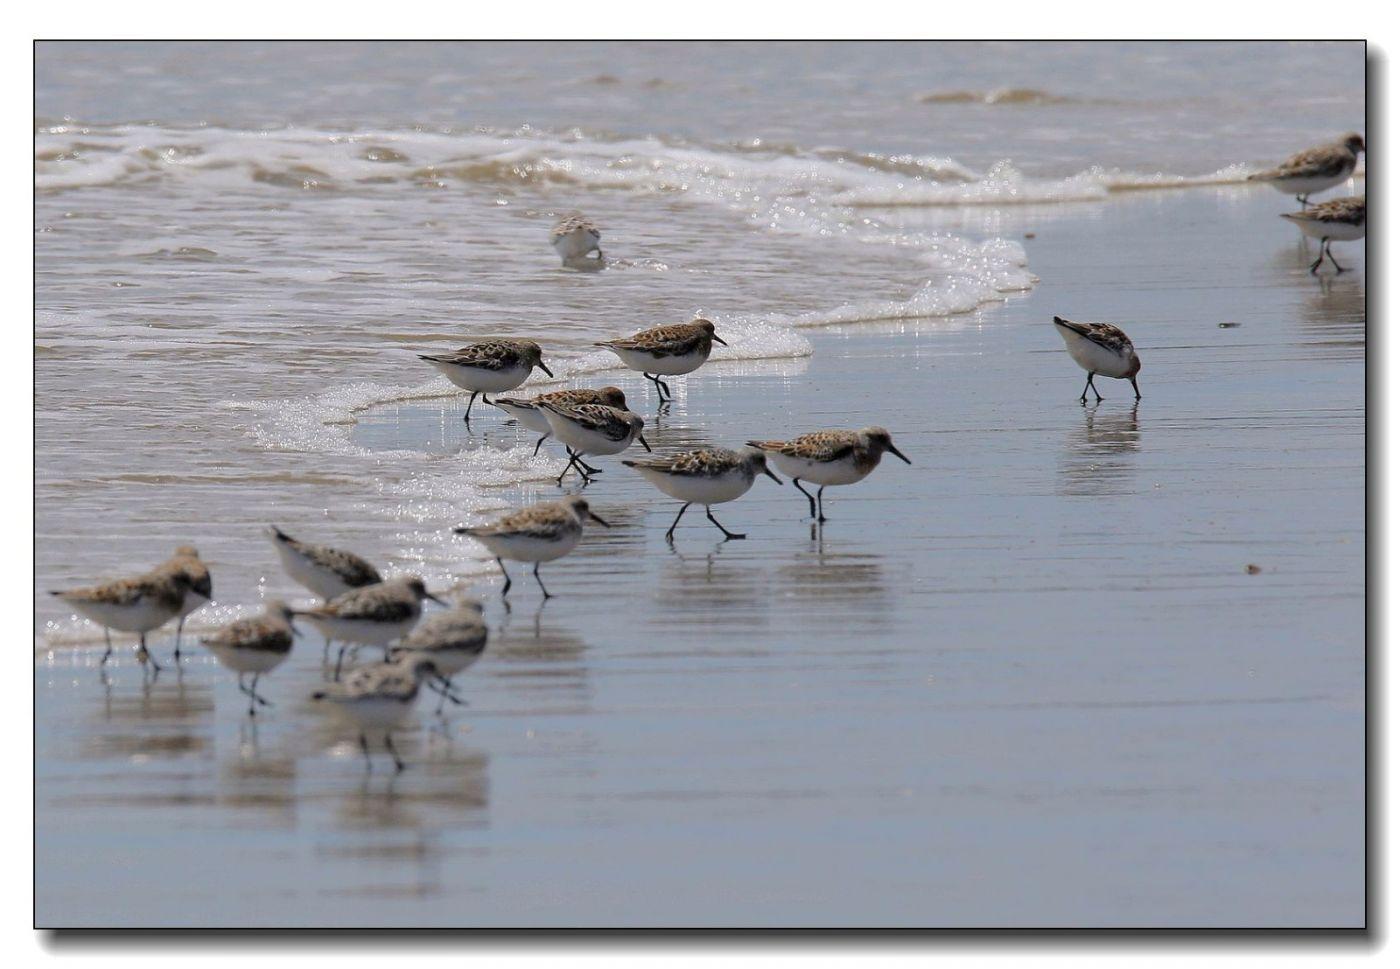 洛克威海滩拍鸟—滨鹬_图1-4